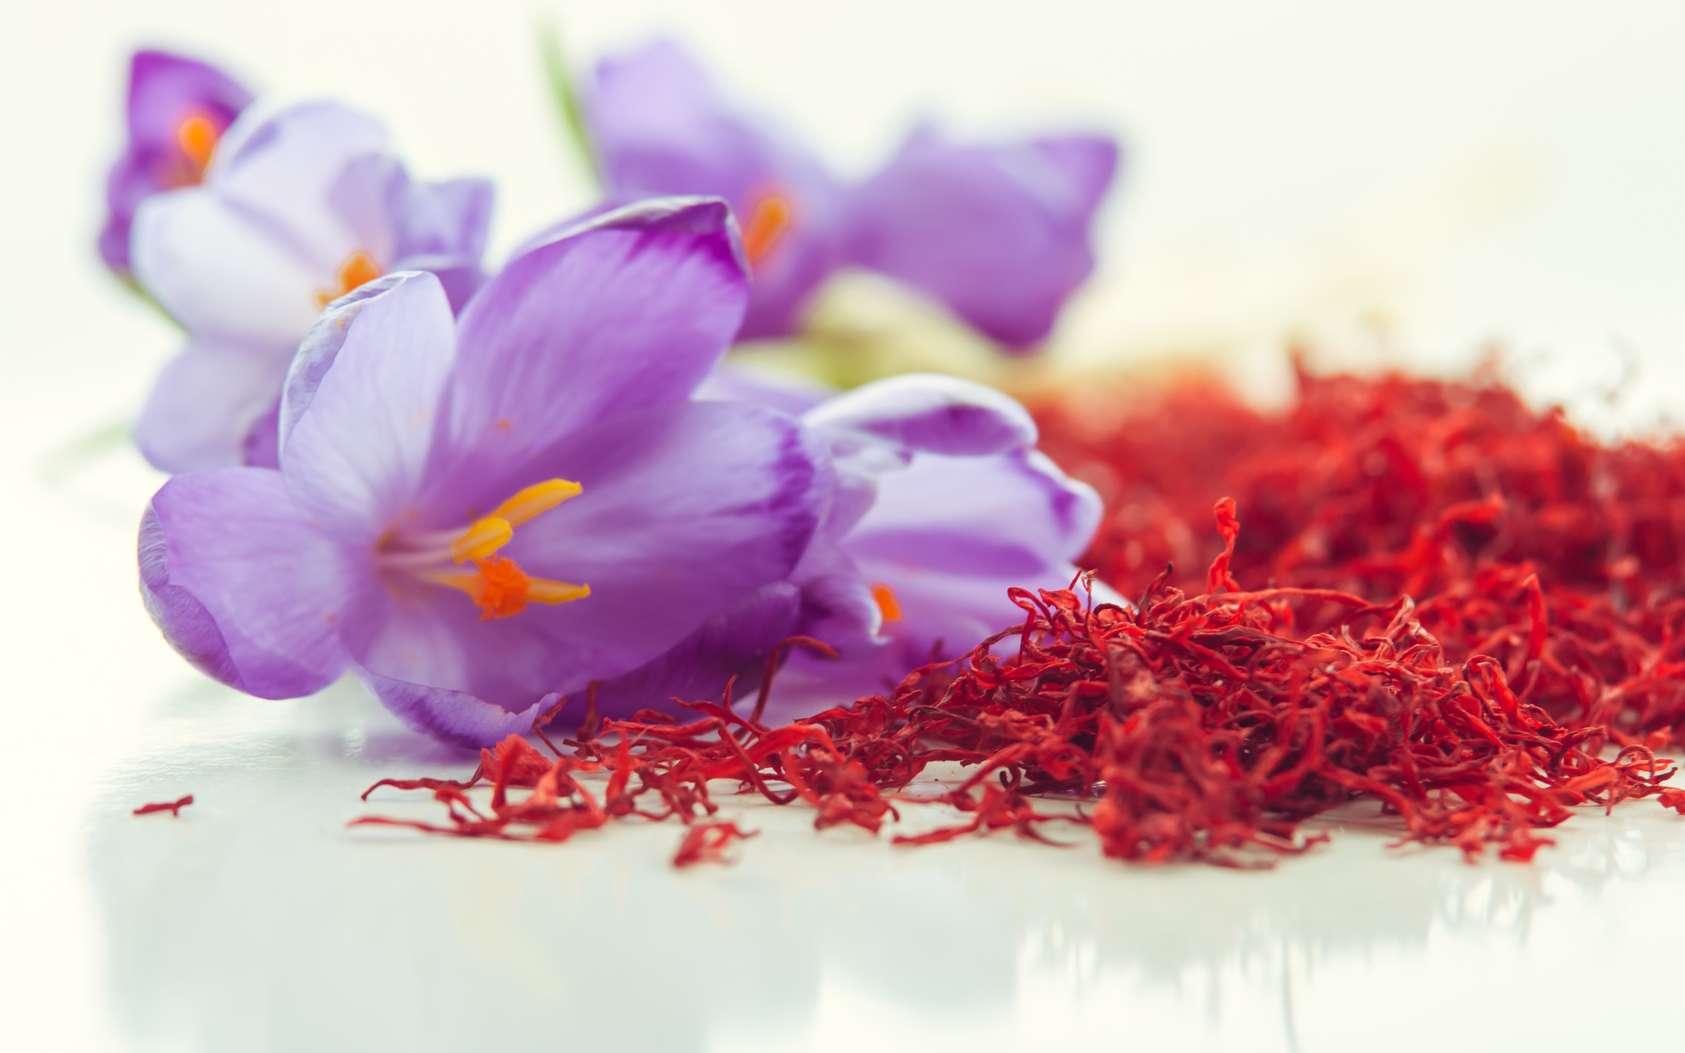 Définition | Crocus à safran - Crocus sativus | Futura Planète